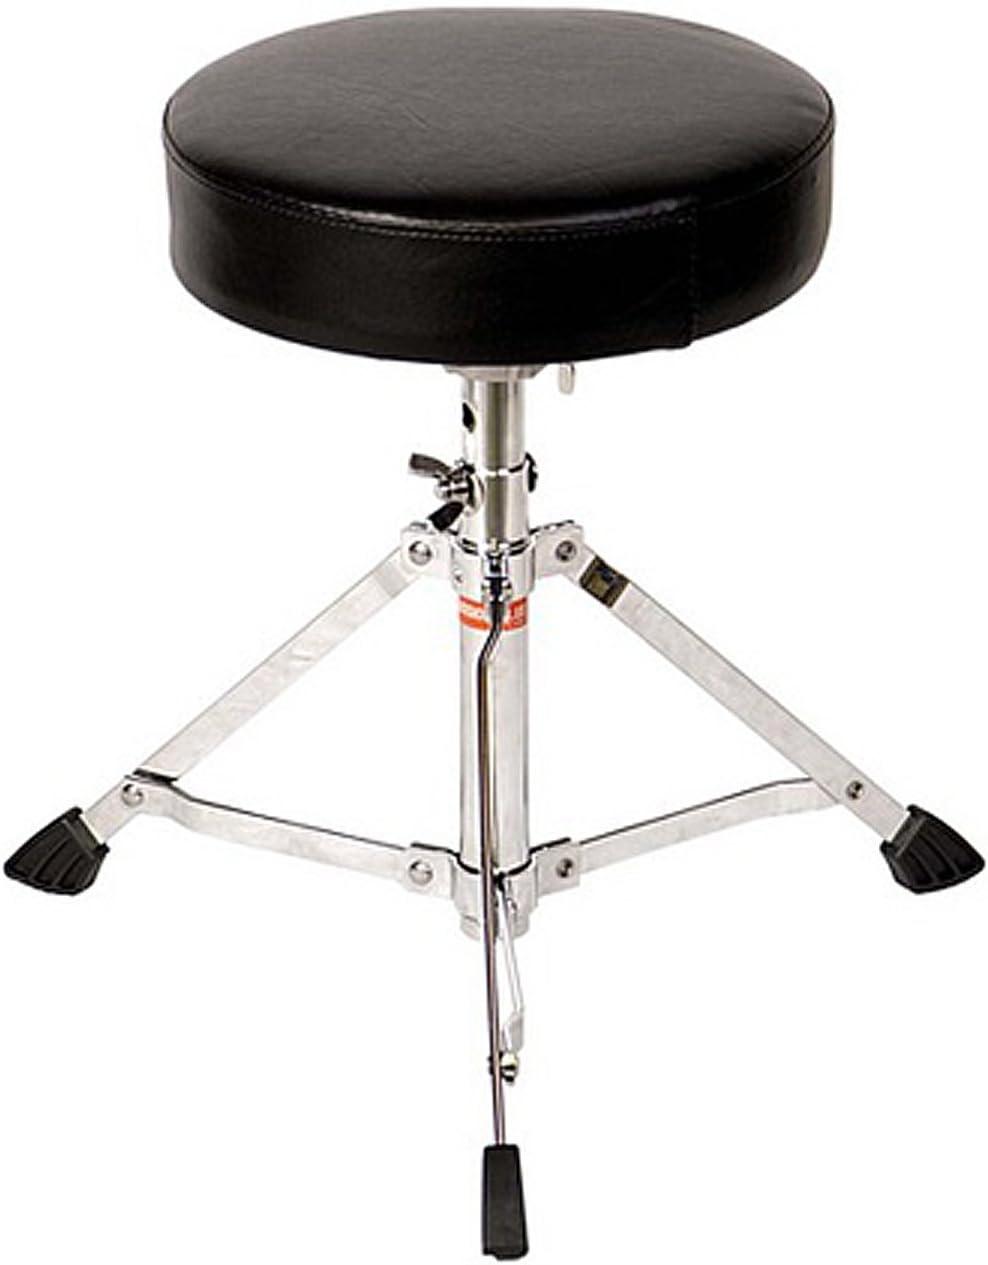 Renewed Percussion Plus 300T Single-Braced Junior Drum Throne